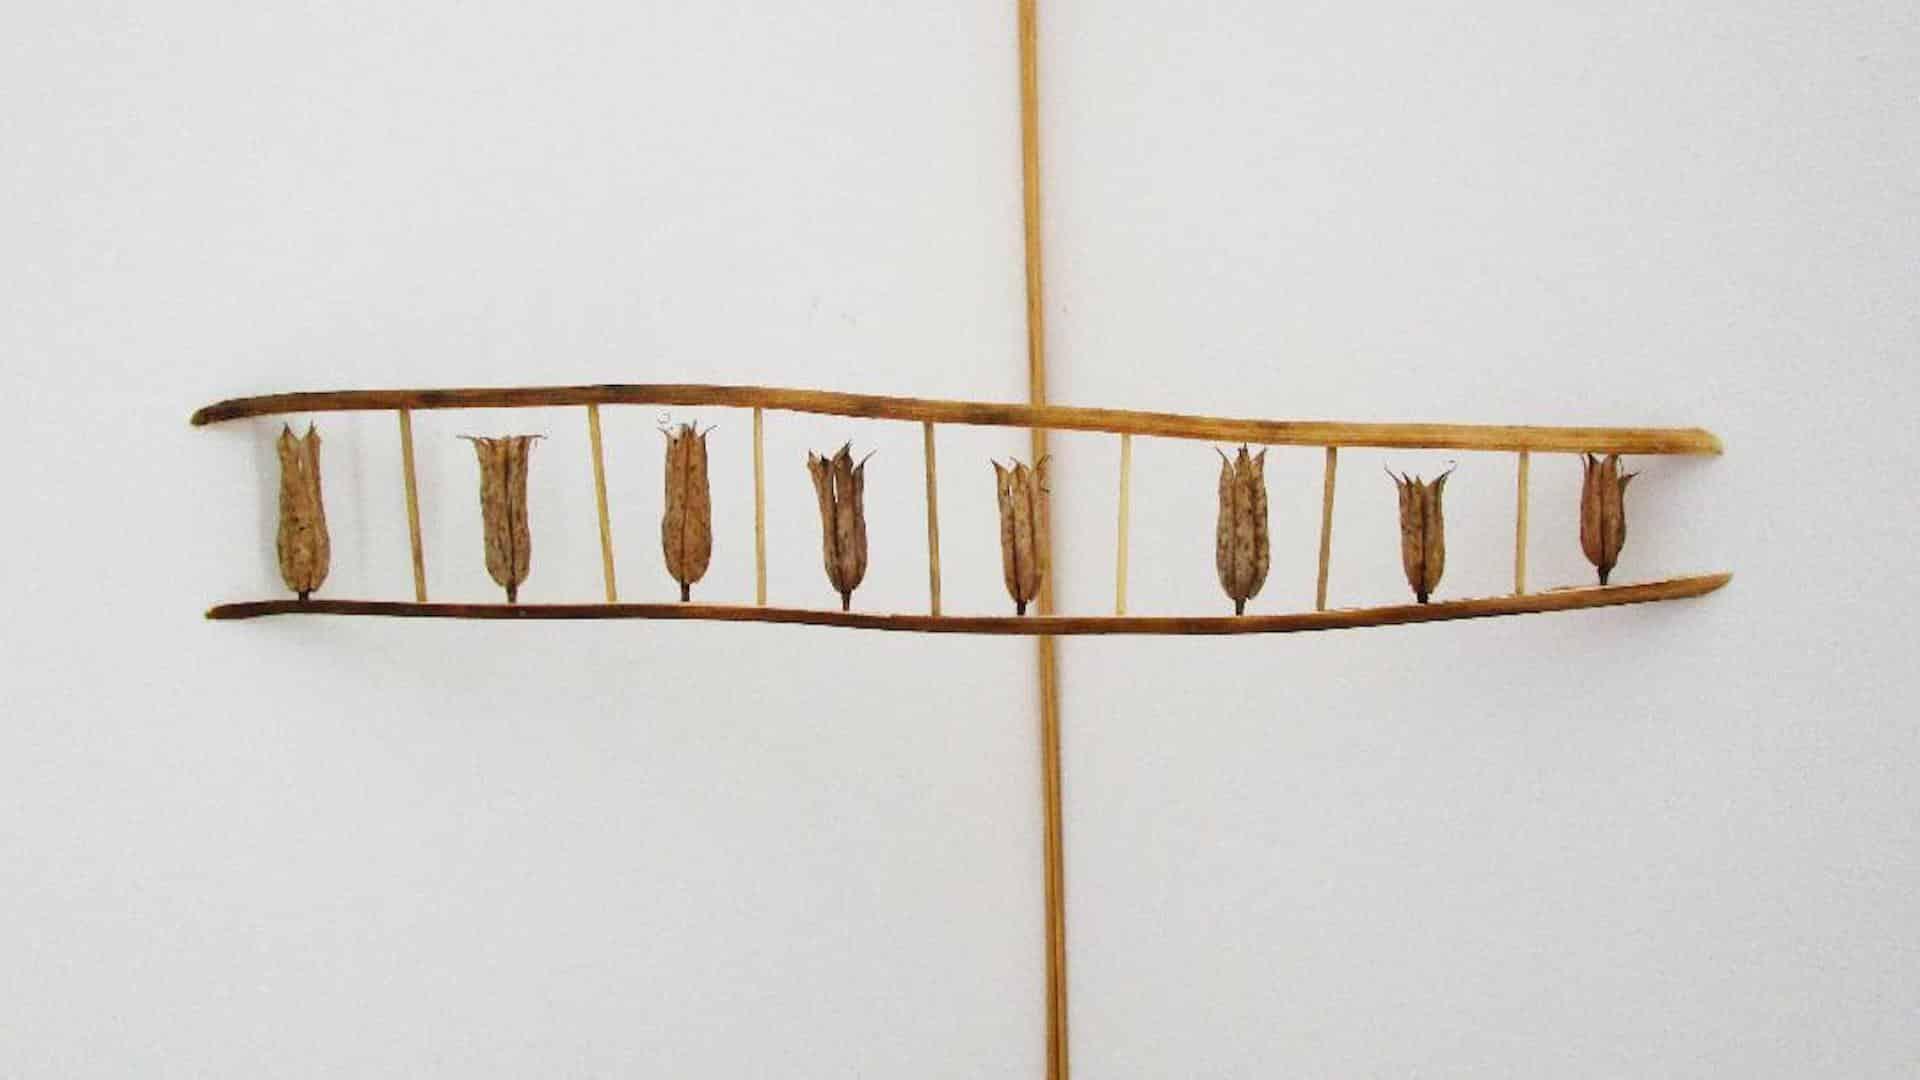 Mémoires de graines Alejandro Guzzetti